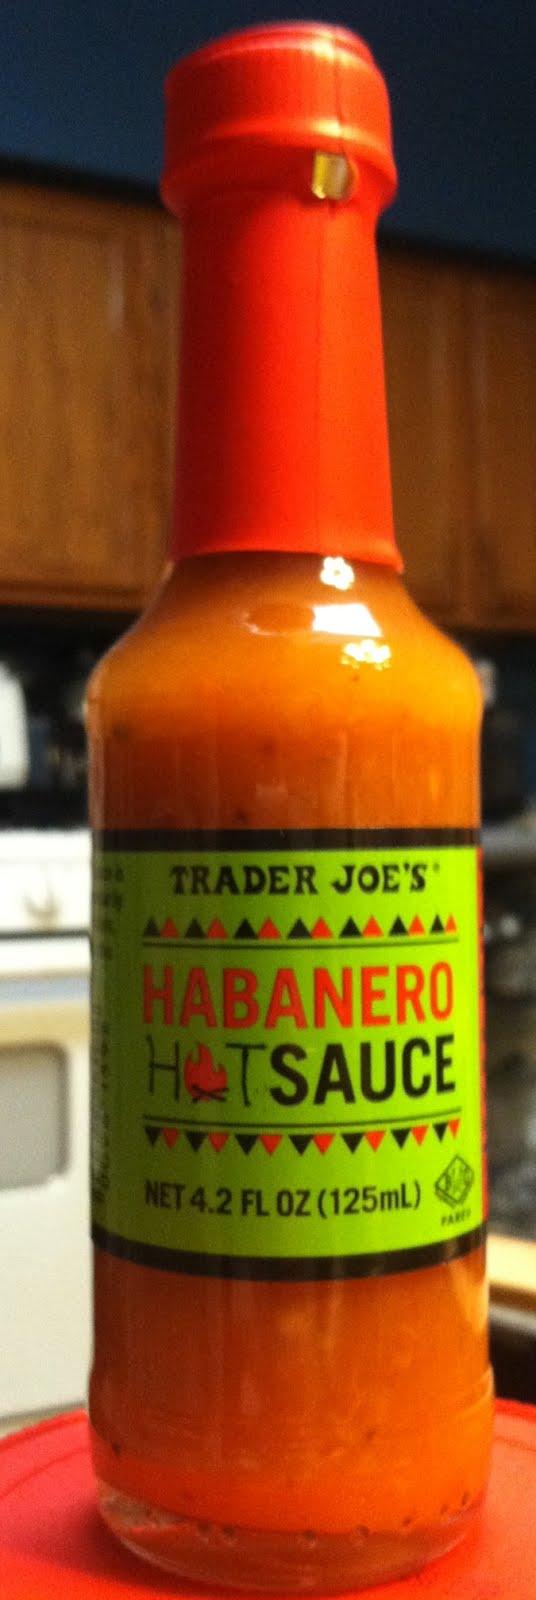 What 39 s good at trader joe 39 s trader joe 39 s habenero hot sauce for Trader joe s fish sauce